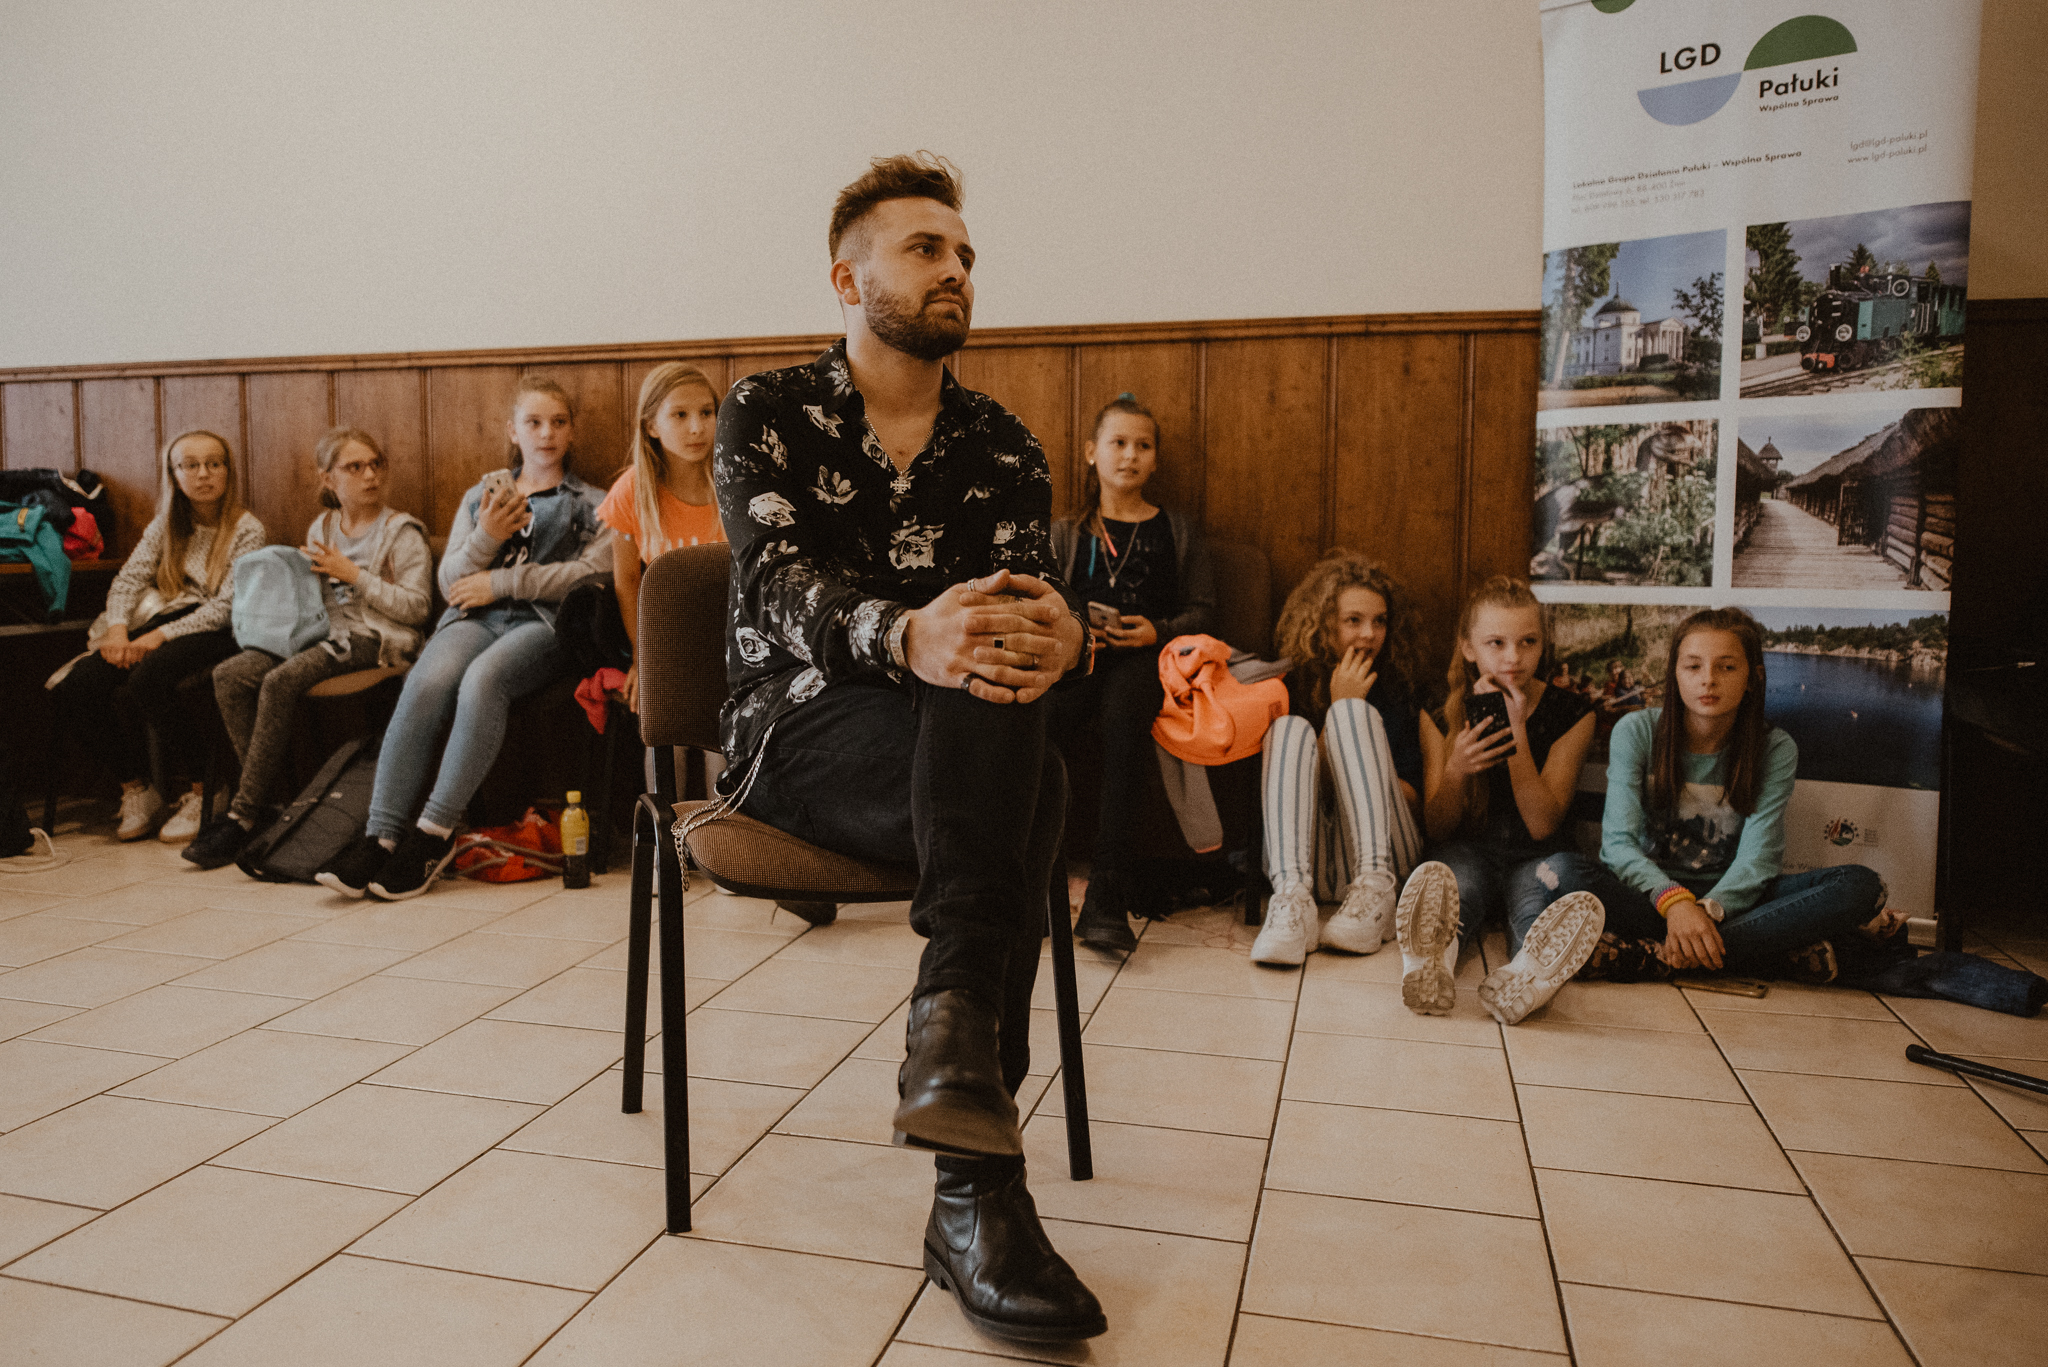 Warsztaty wokalne/emisyjne – Tadeusz Seibert 19.09.2019r.